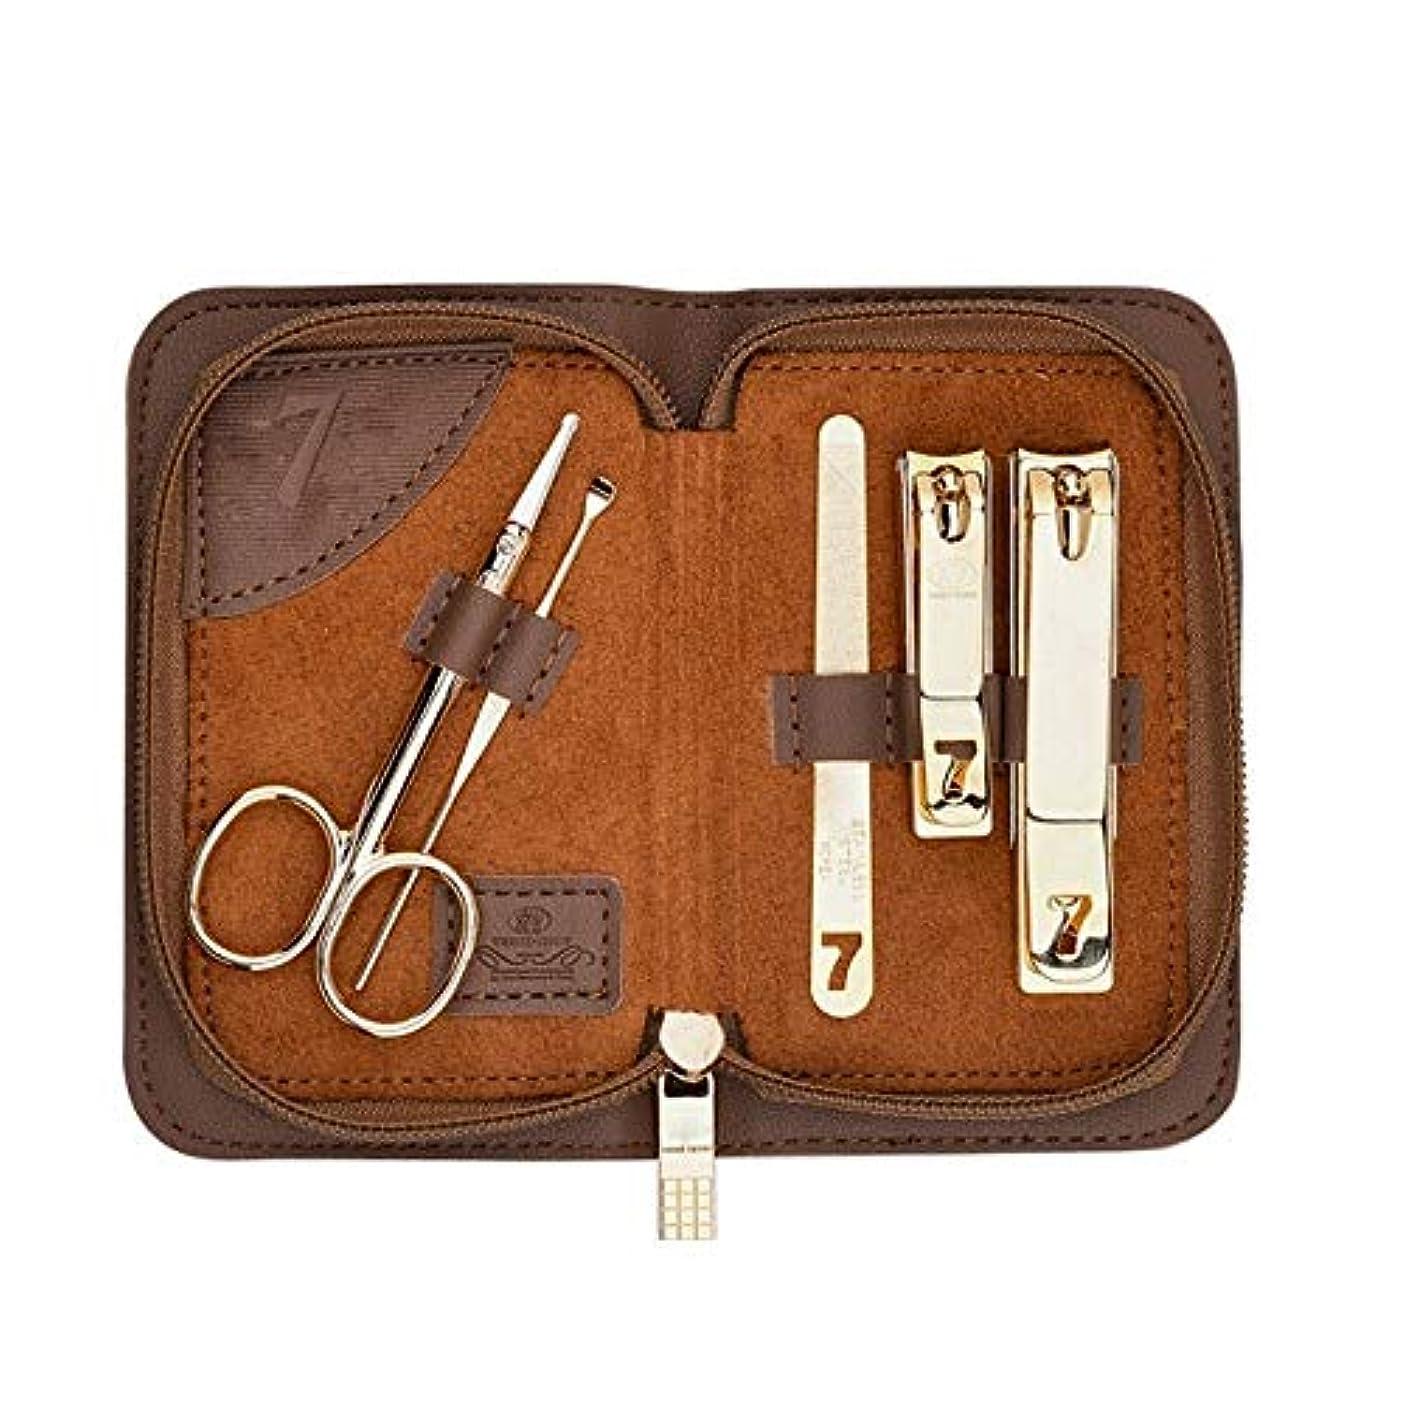 市の中心部タック箱TUOFL 爪切りセット、美容ツール5セット、シャープで耐久性のある炭素鋼素材 (Color : Brown)